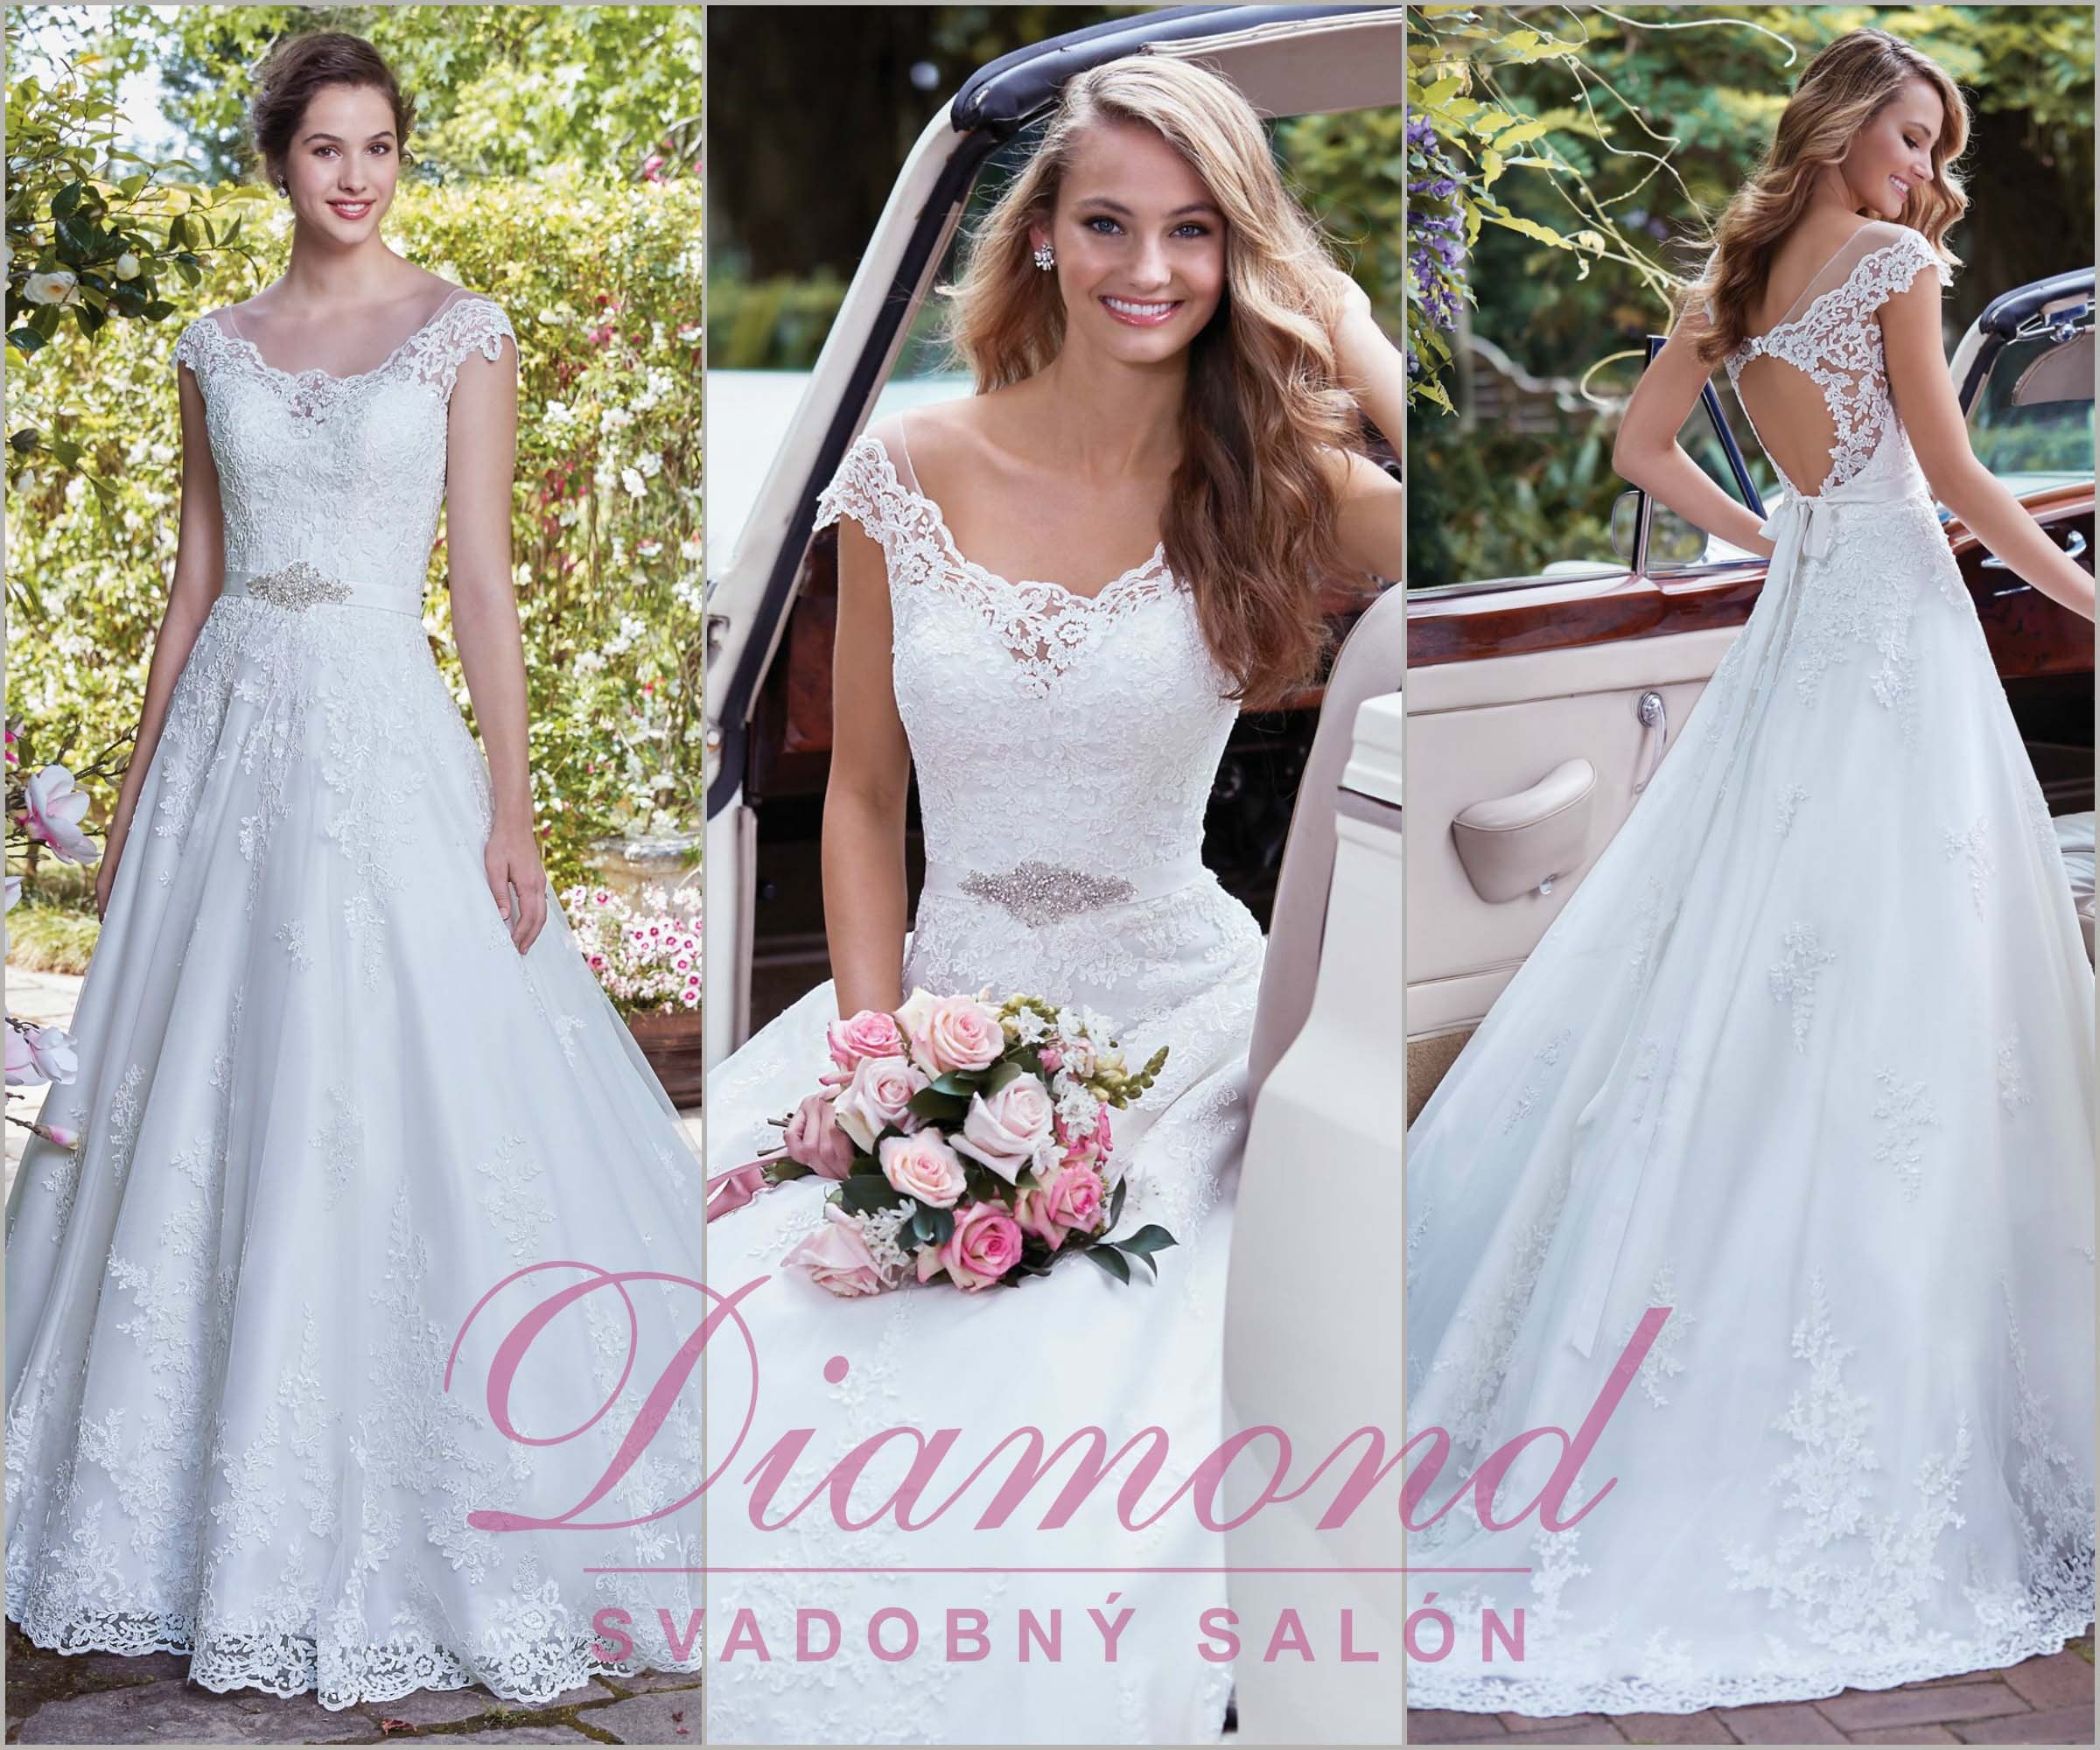 eff4ab7263ab Svadoný salón Diamond - všetko pre svadbu a - Móda